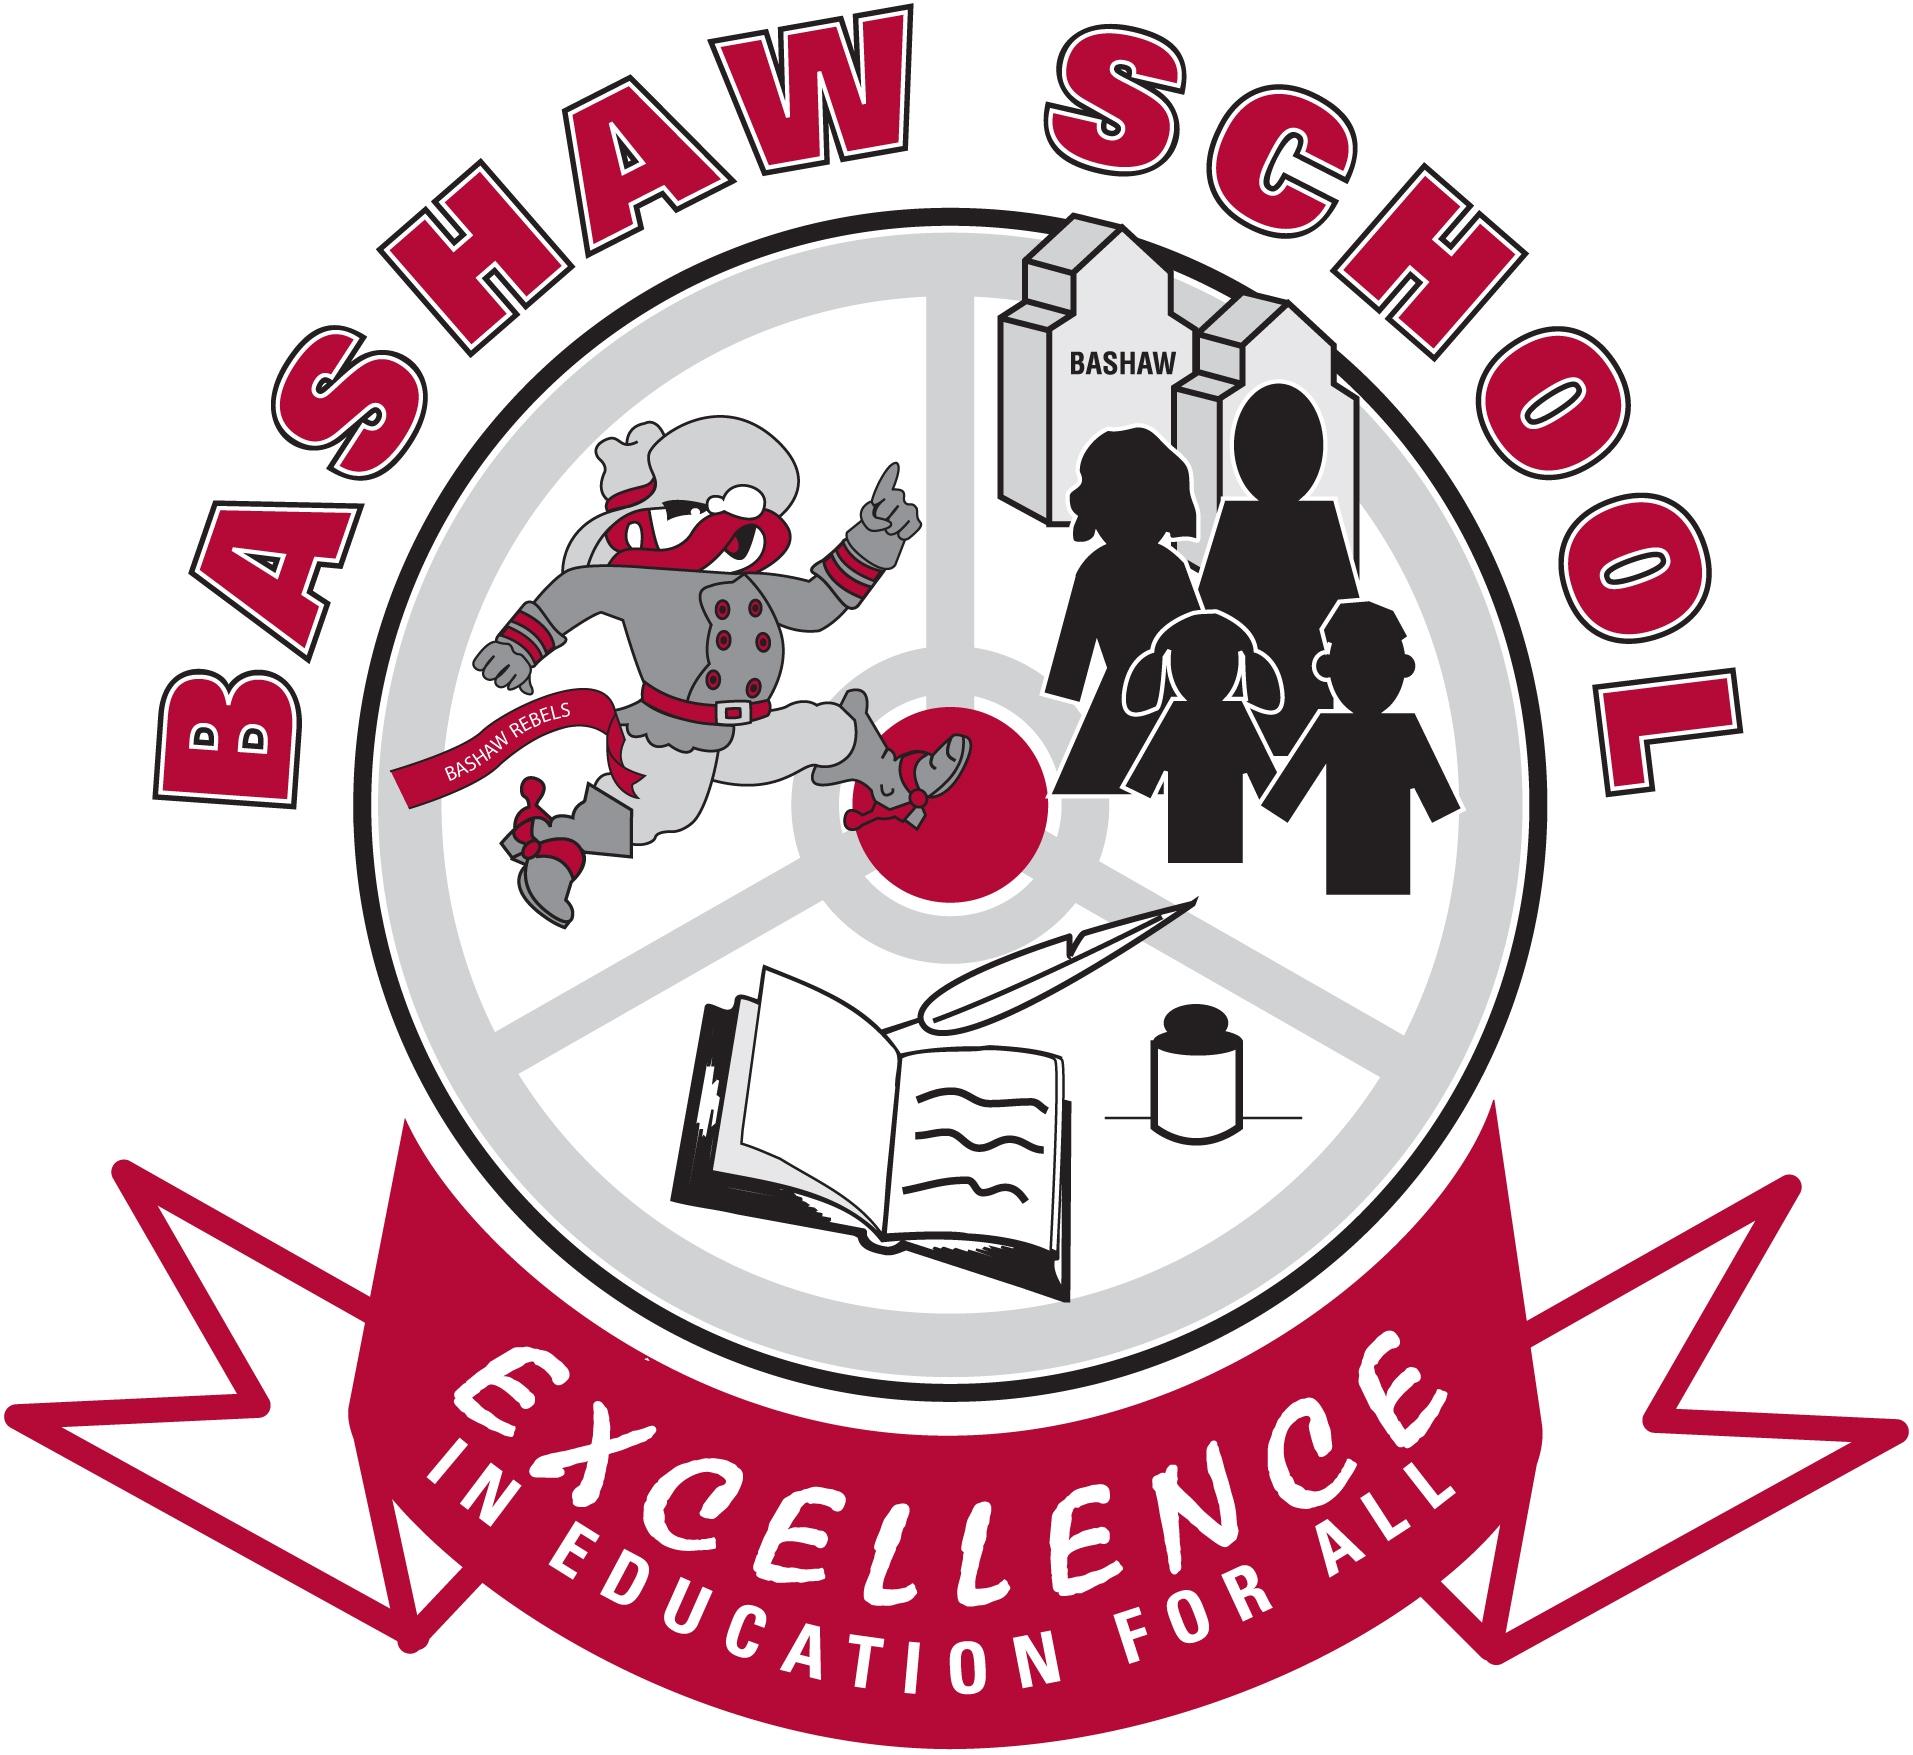 Trường Học Bashaw School – Bashaw, Alberta, Canada